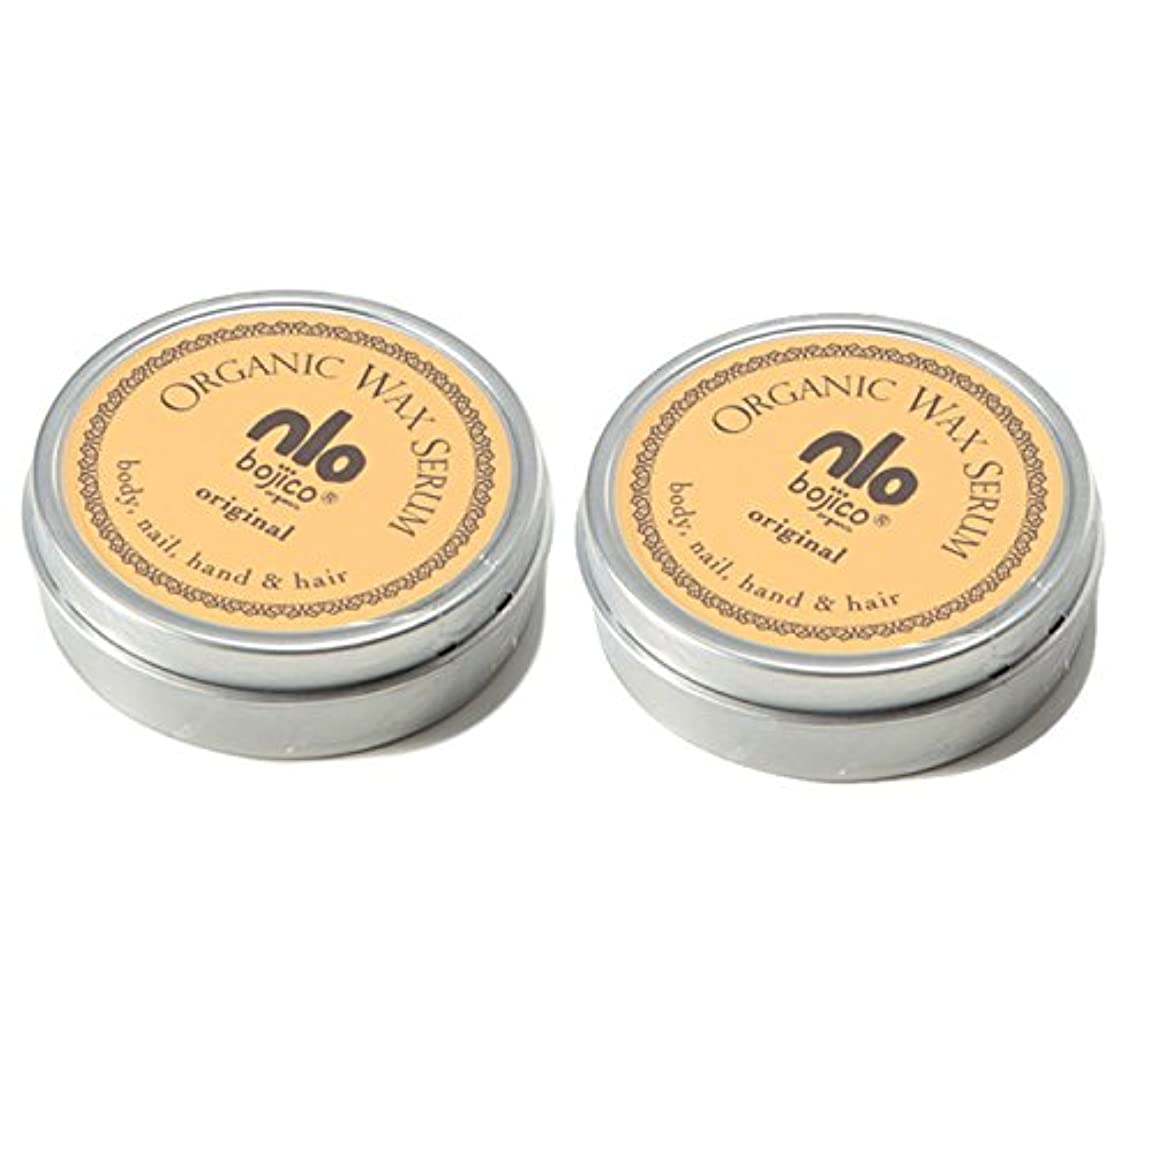 ウイルスマーキング壁紙【40g×2個セット】 ボジコ オーガニック ワックス セラム<オリジナル> bojico Organic Wax Serum 40g×2